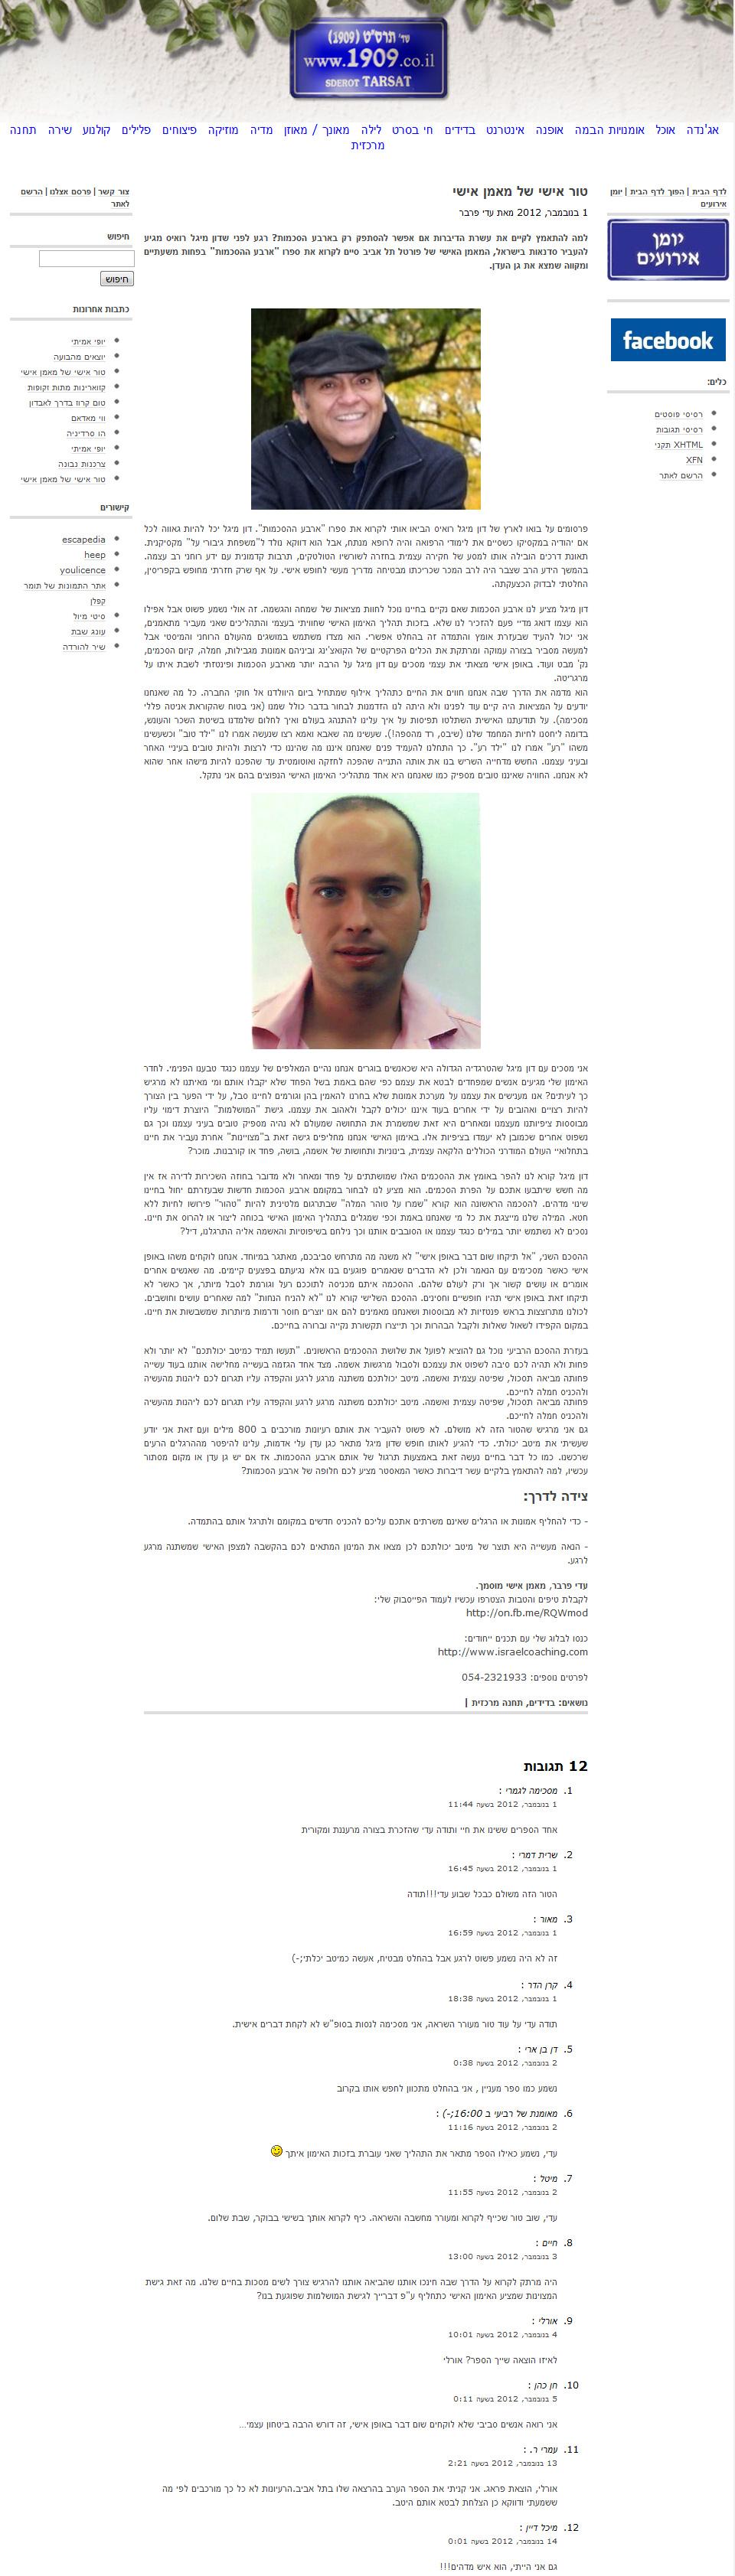 הטור השבועי שלי בפורטל תל אביב על דון מיגל רואיס וספרו רב המכר ארבע ההסכמות